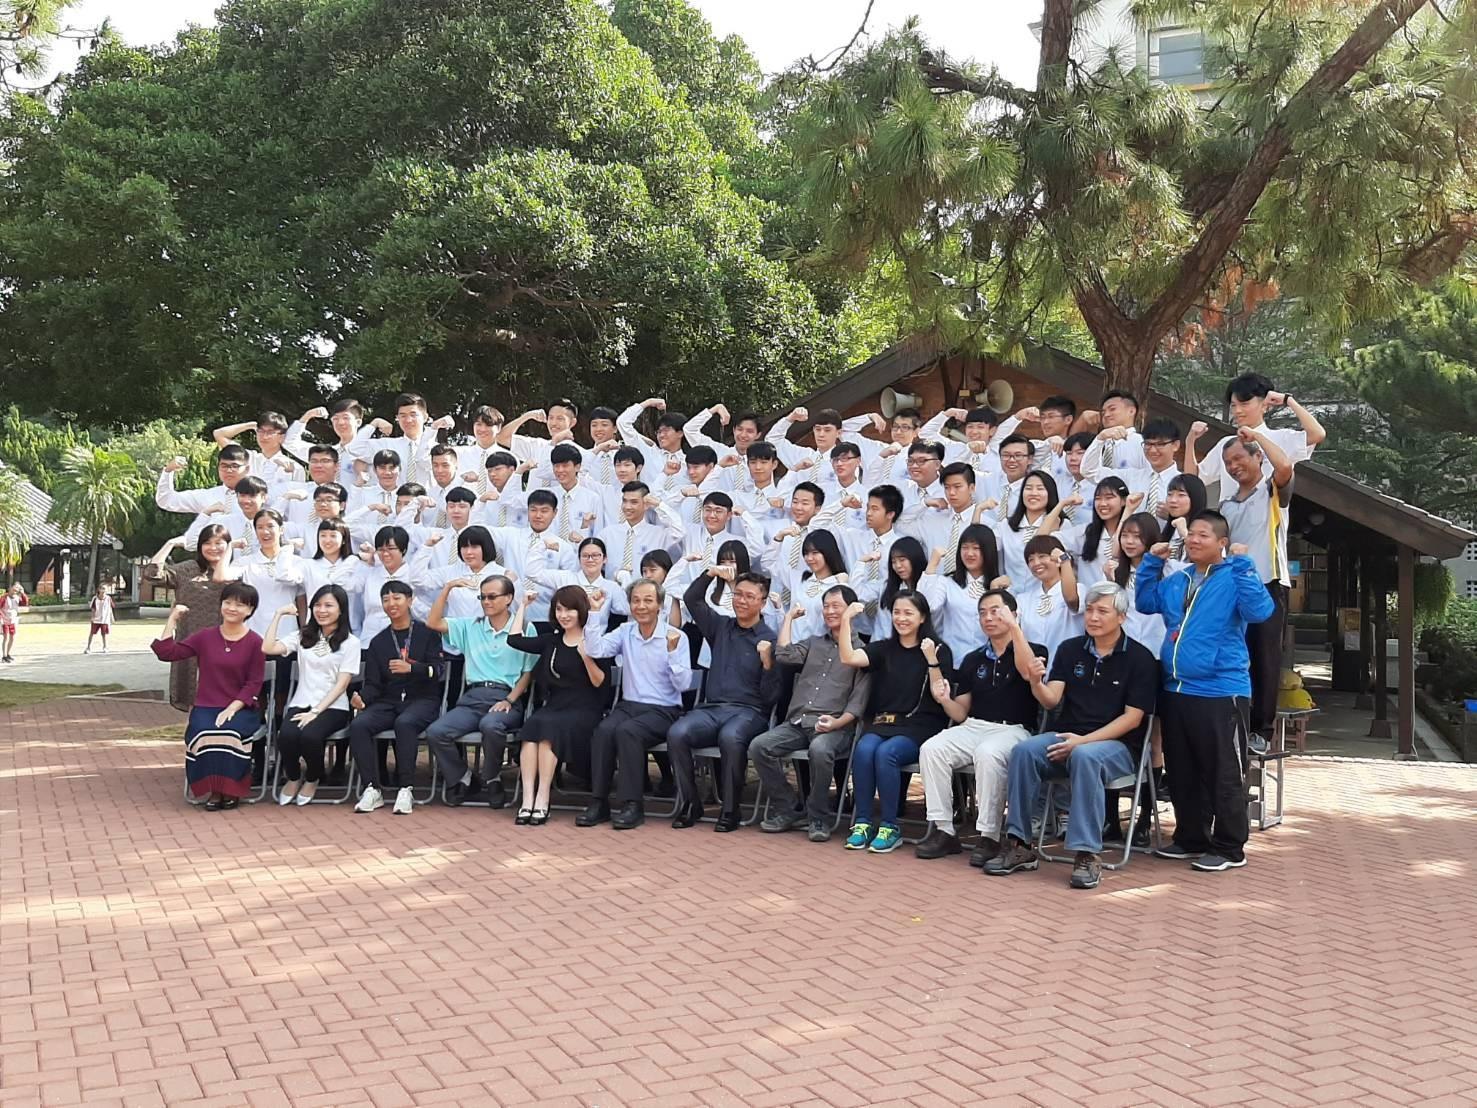 108學年度畢業大團照側拍